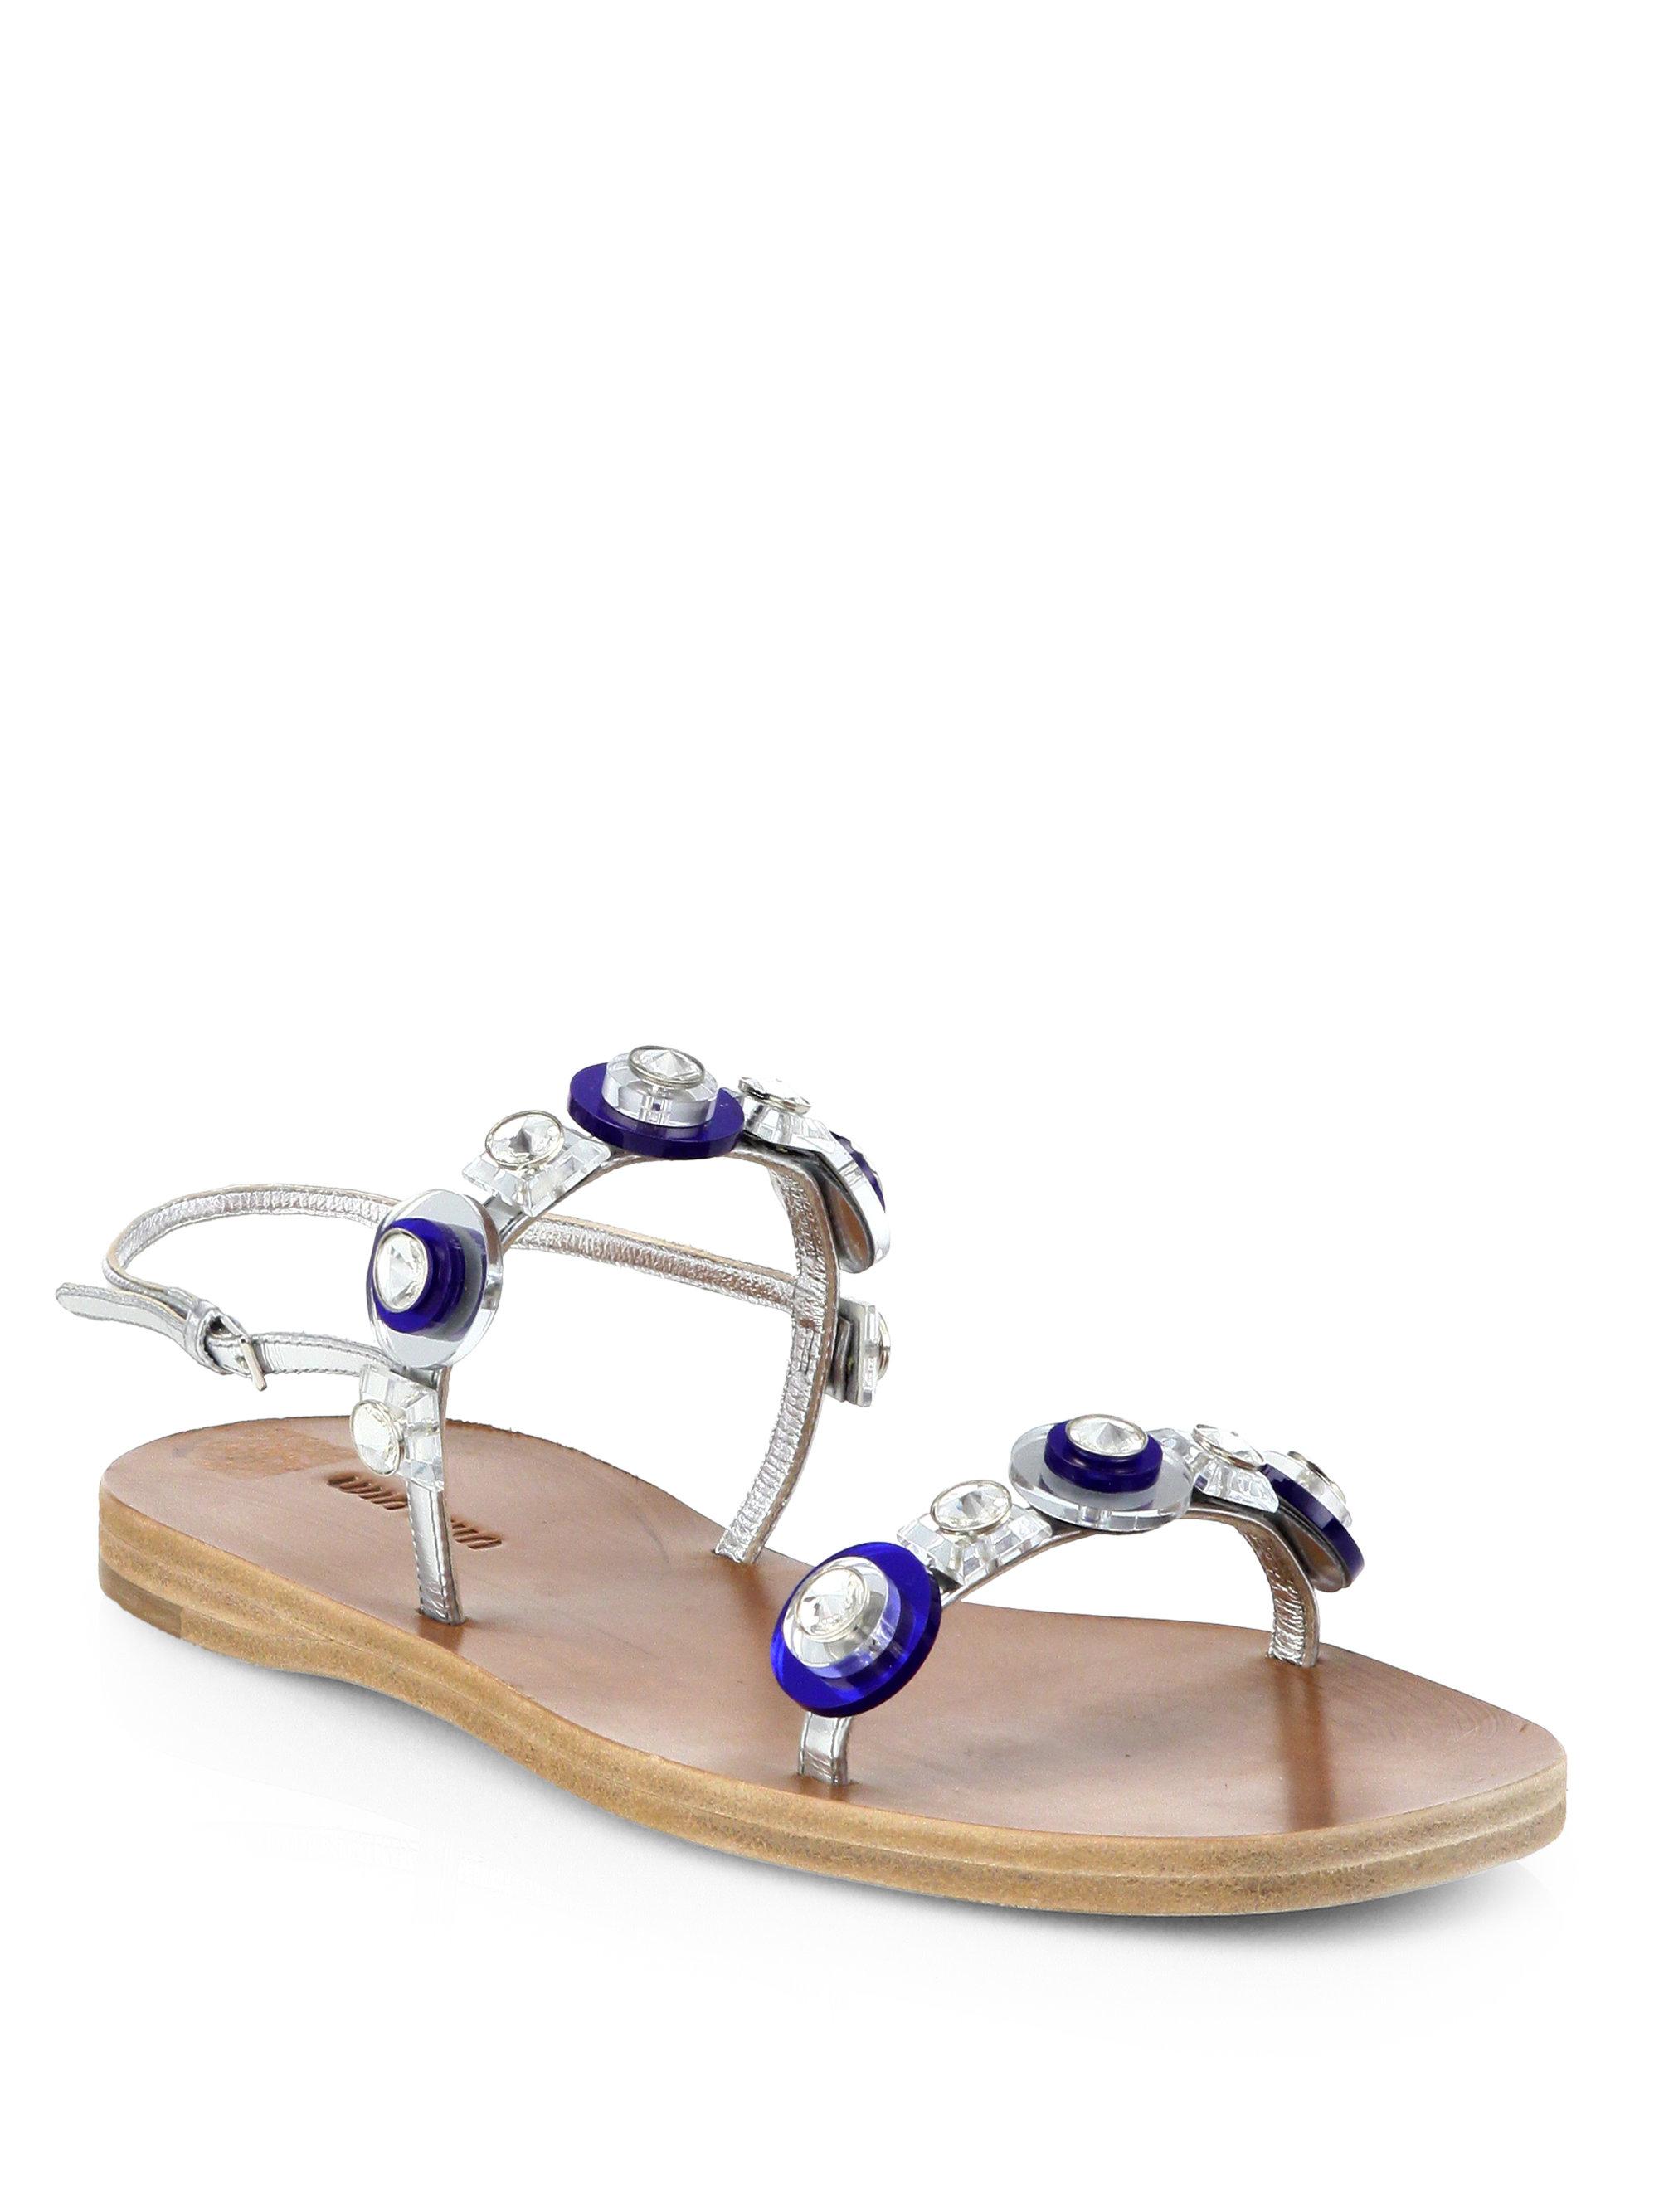 Sandals Jeweled Lk3jctuf1 Flat Miu Slingback In Metallic Lyst txQBsCodhr